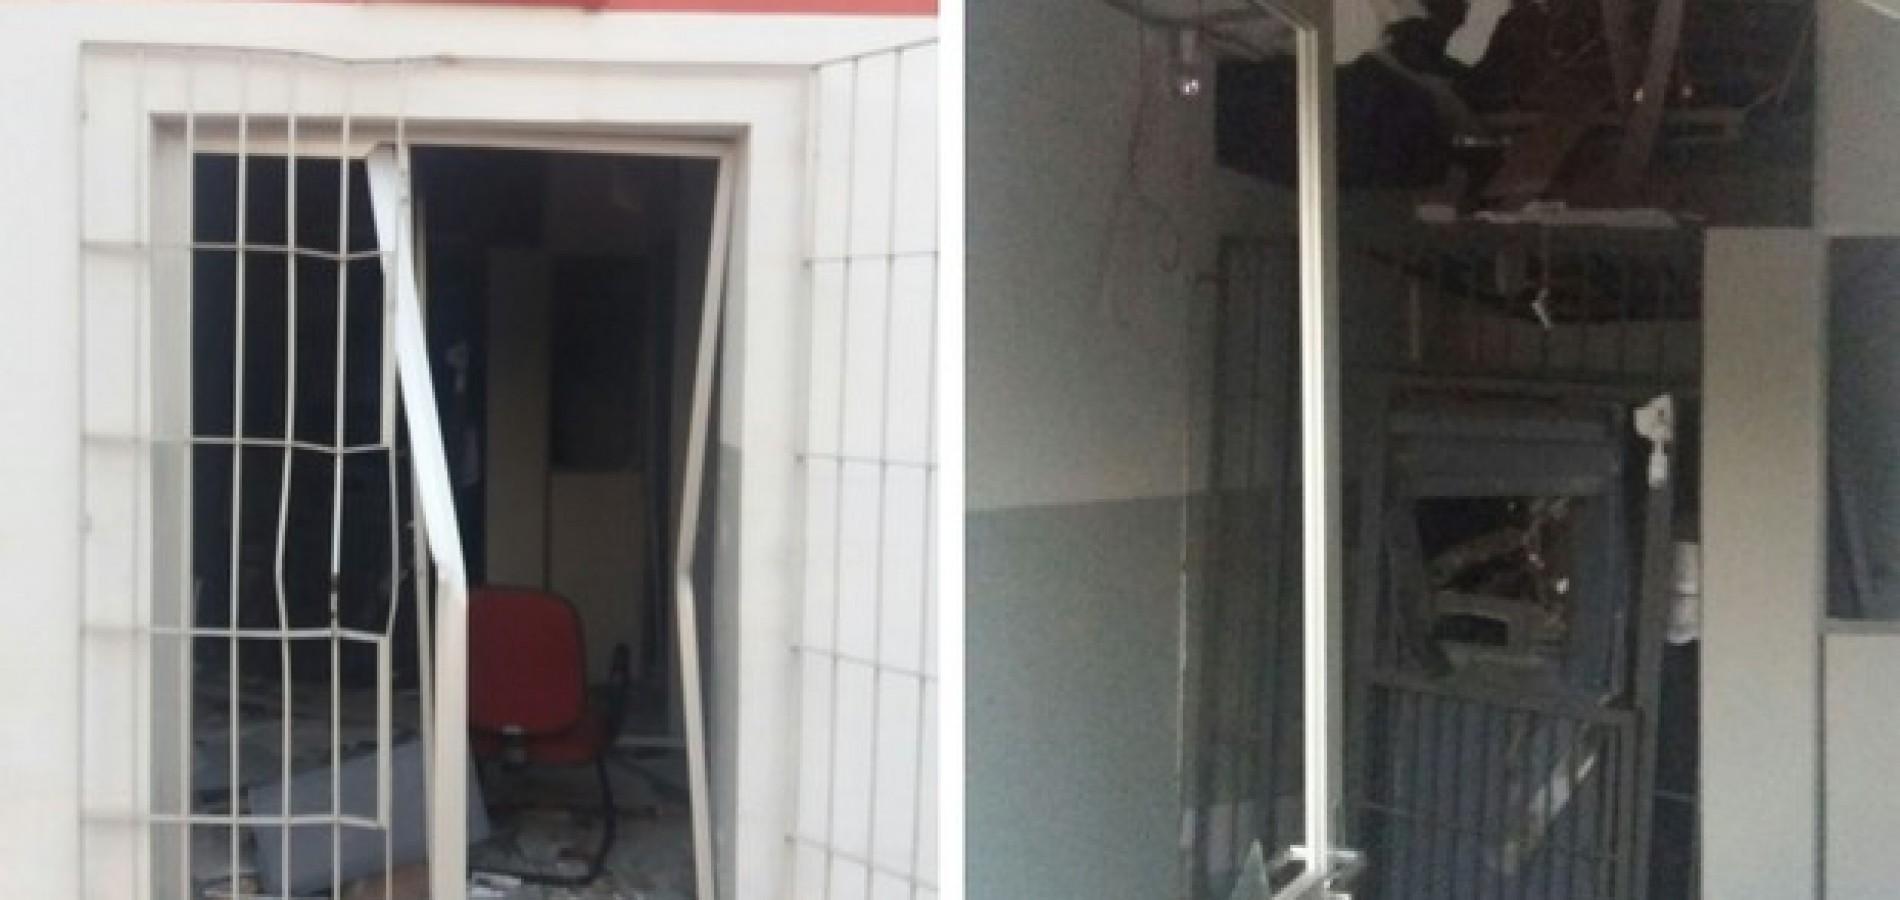 Bando fortemente armado arromba agência bancária e leva todo dinheiro no Piauí